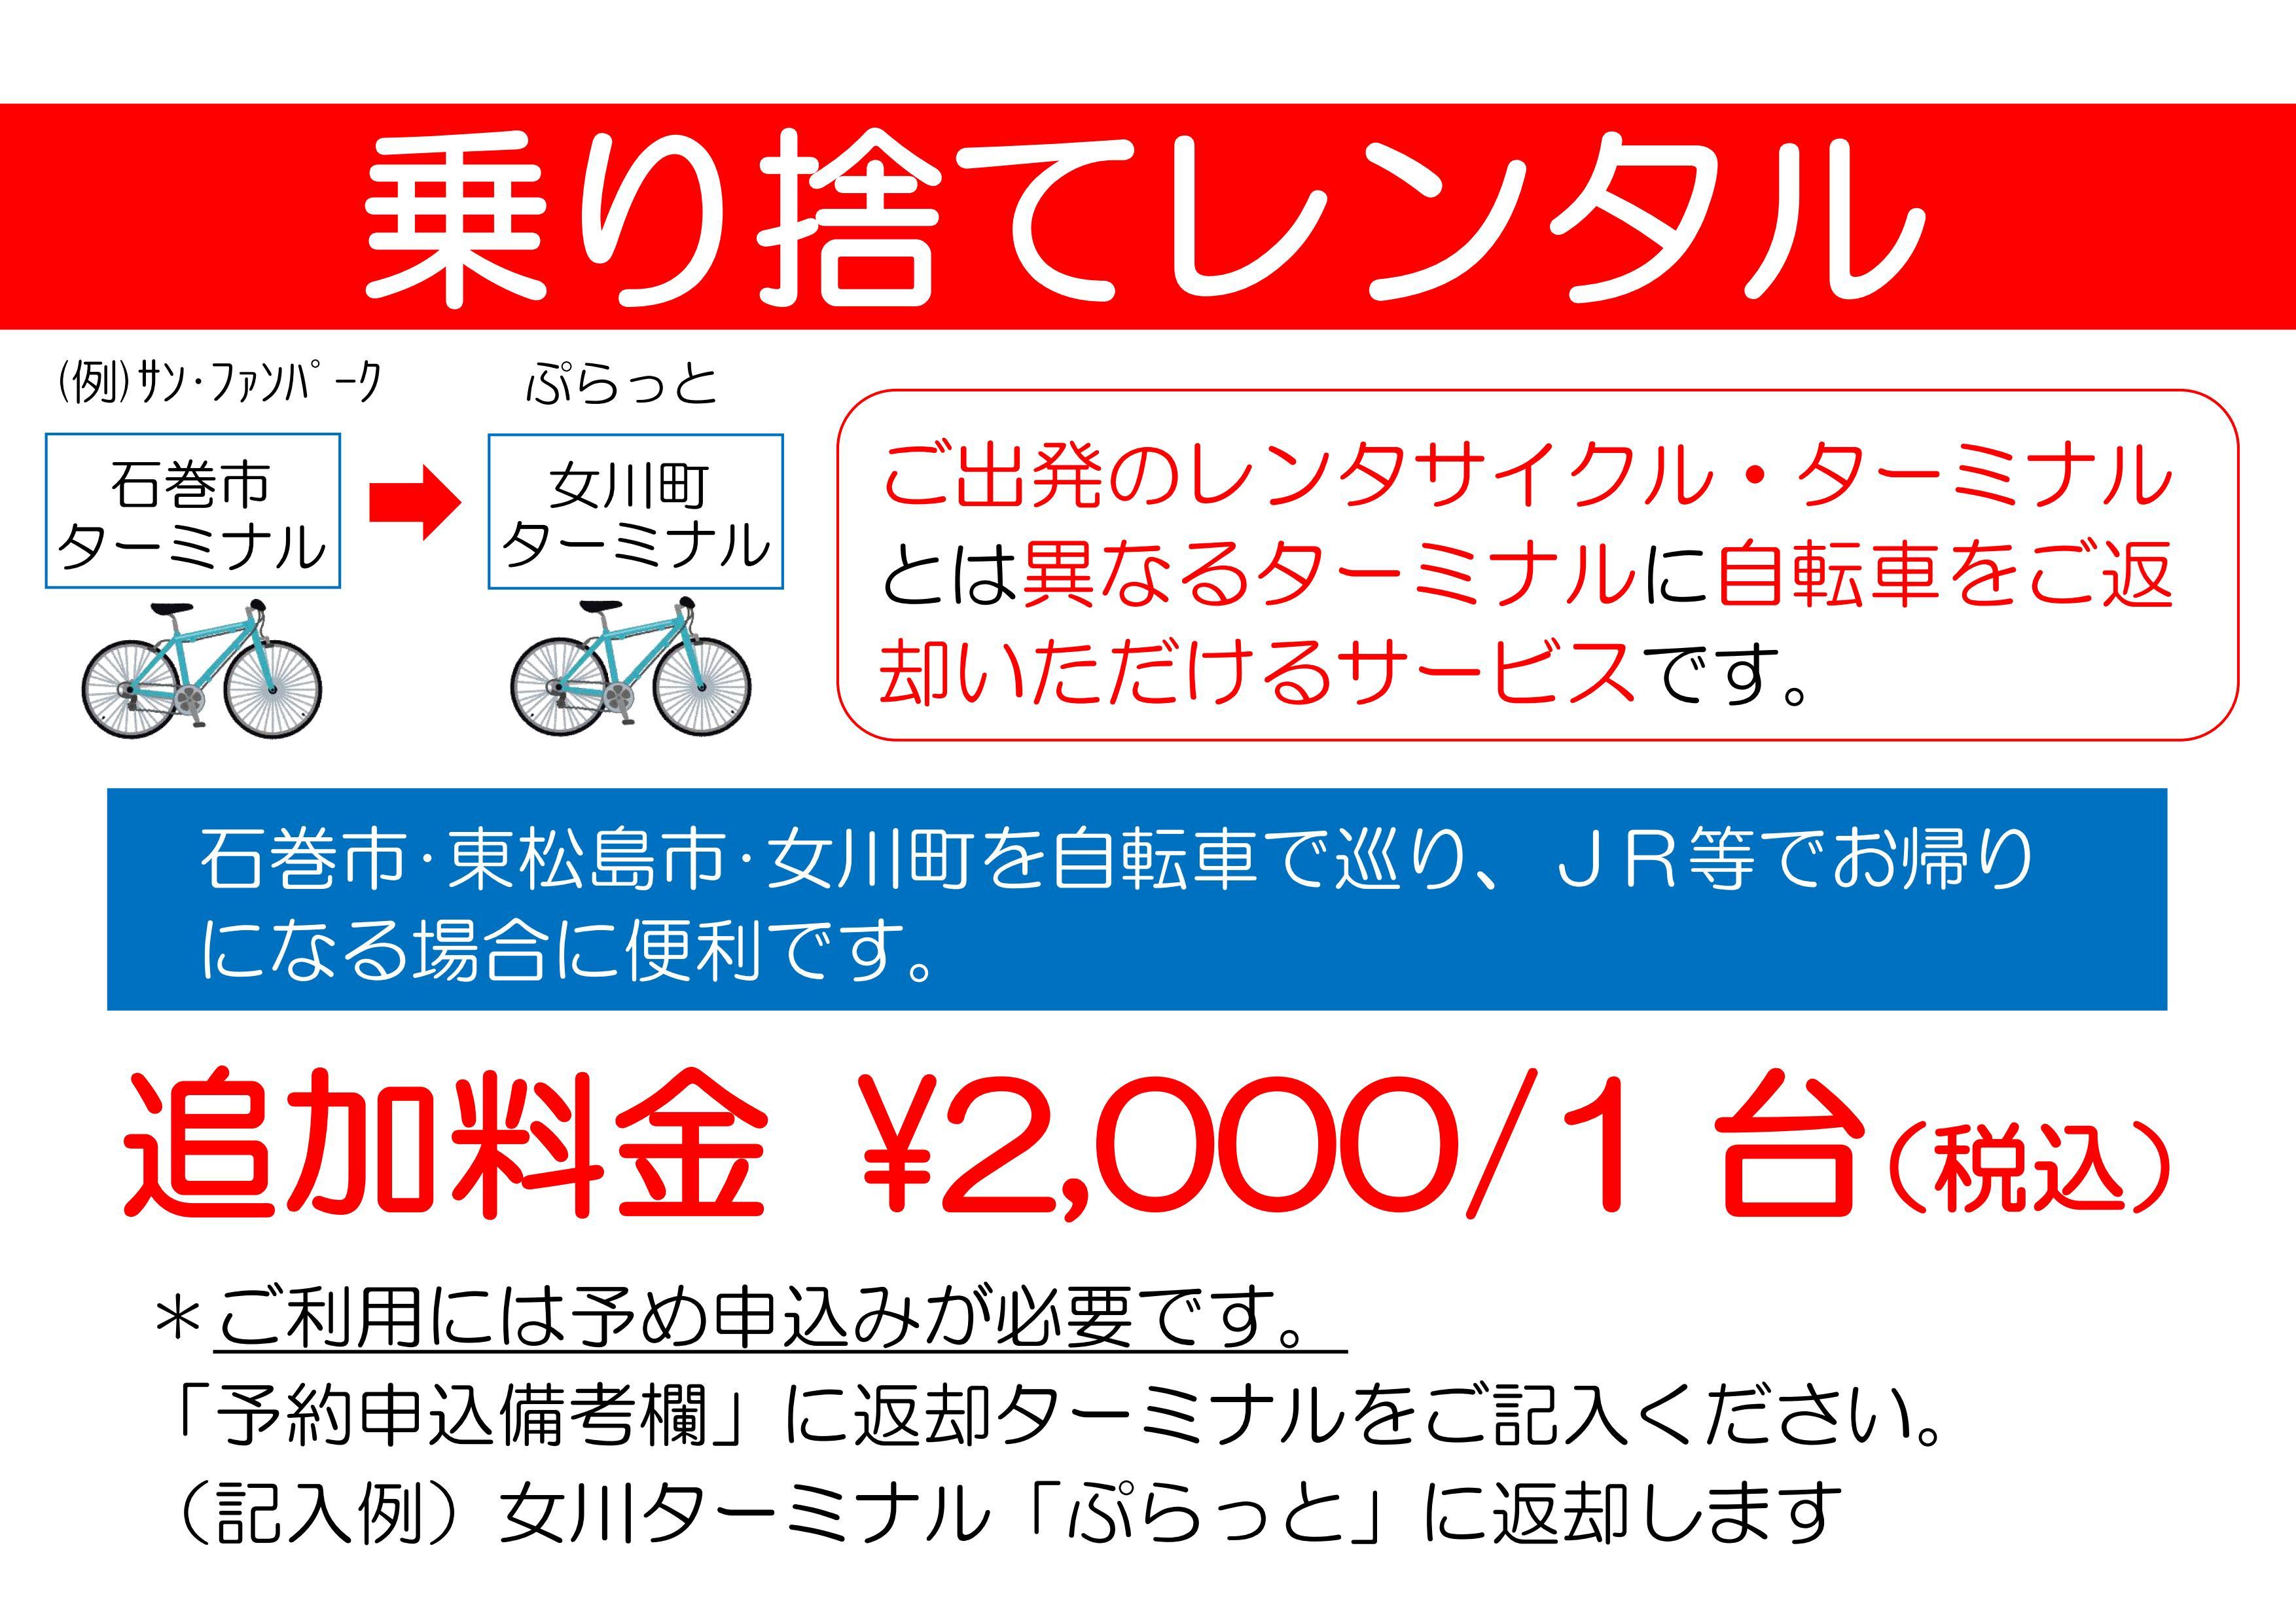 【東松島市】あおみな 一般Sタイプ 1日1台限定【コース番号:80702】サマーキャンペーン特典付き